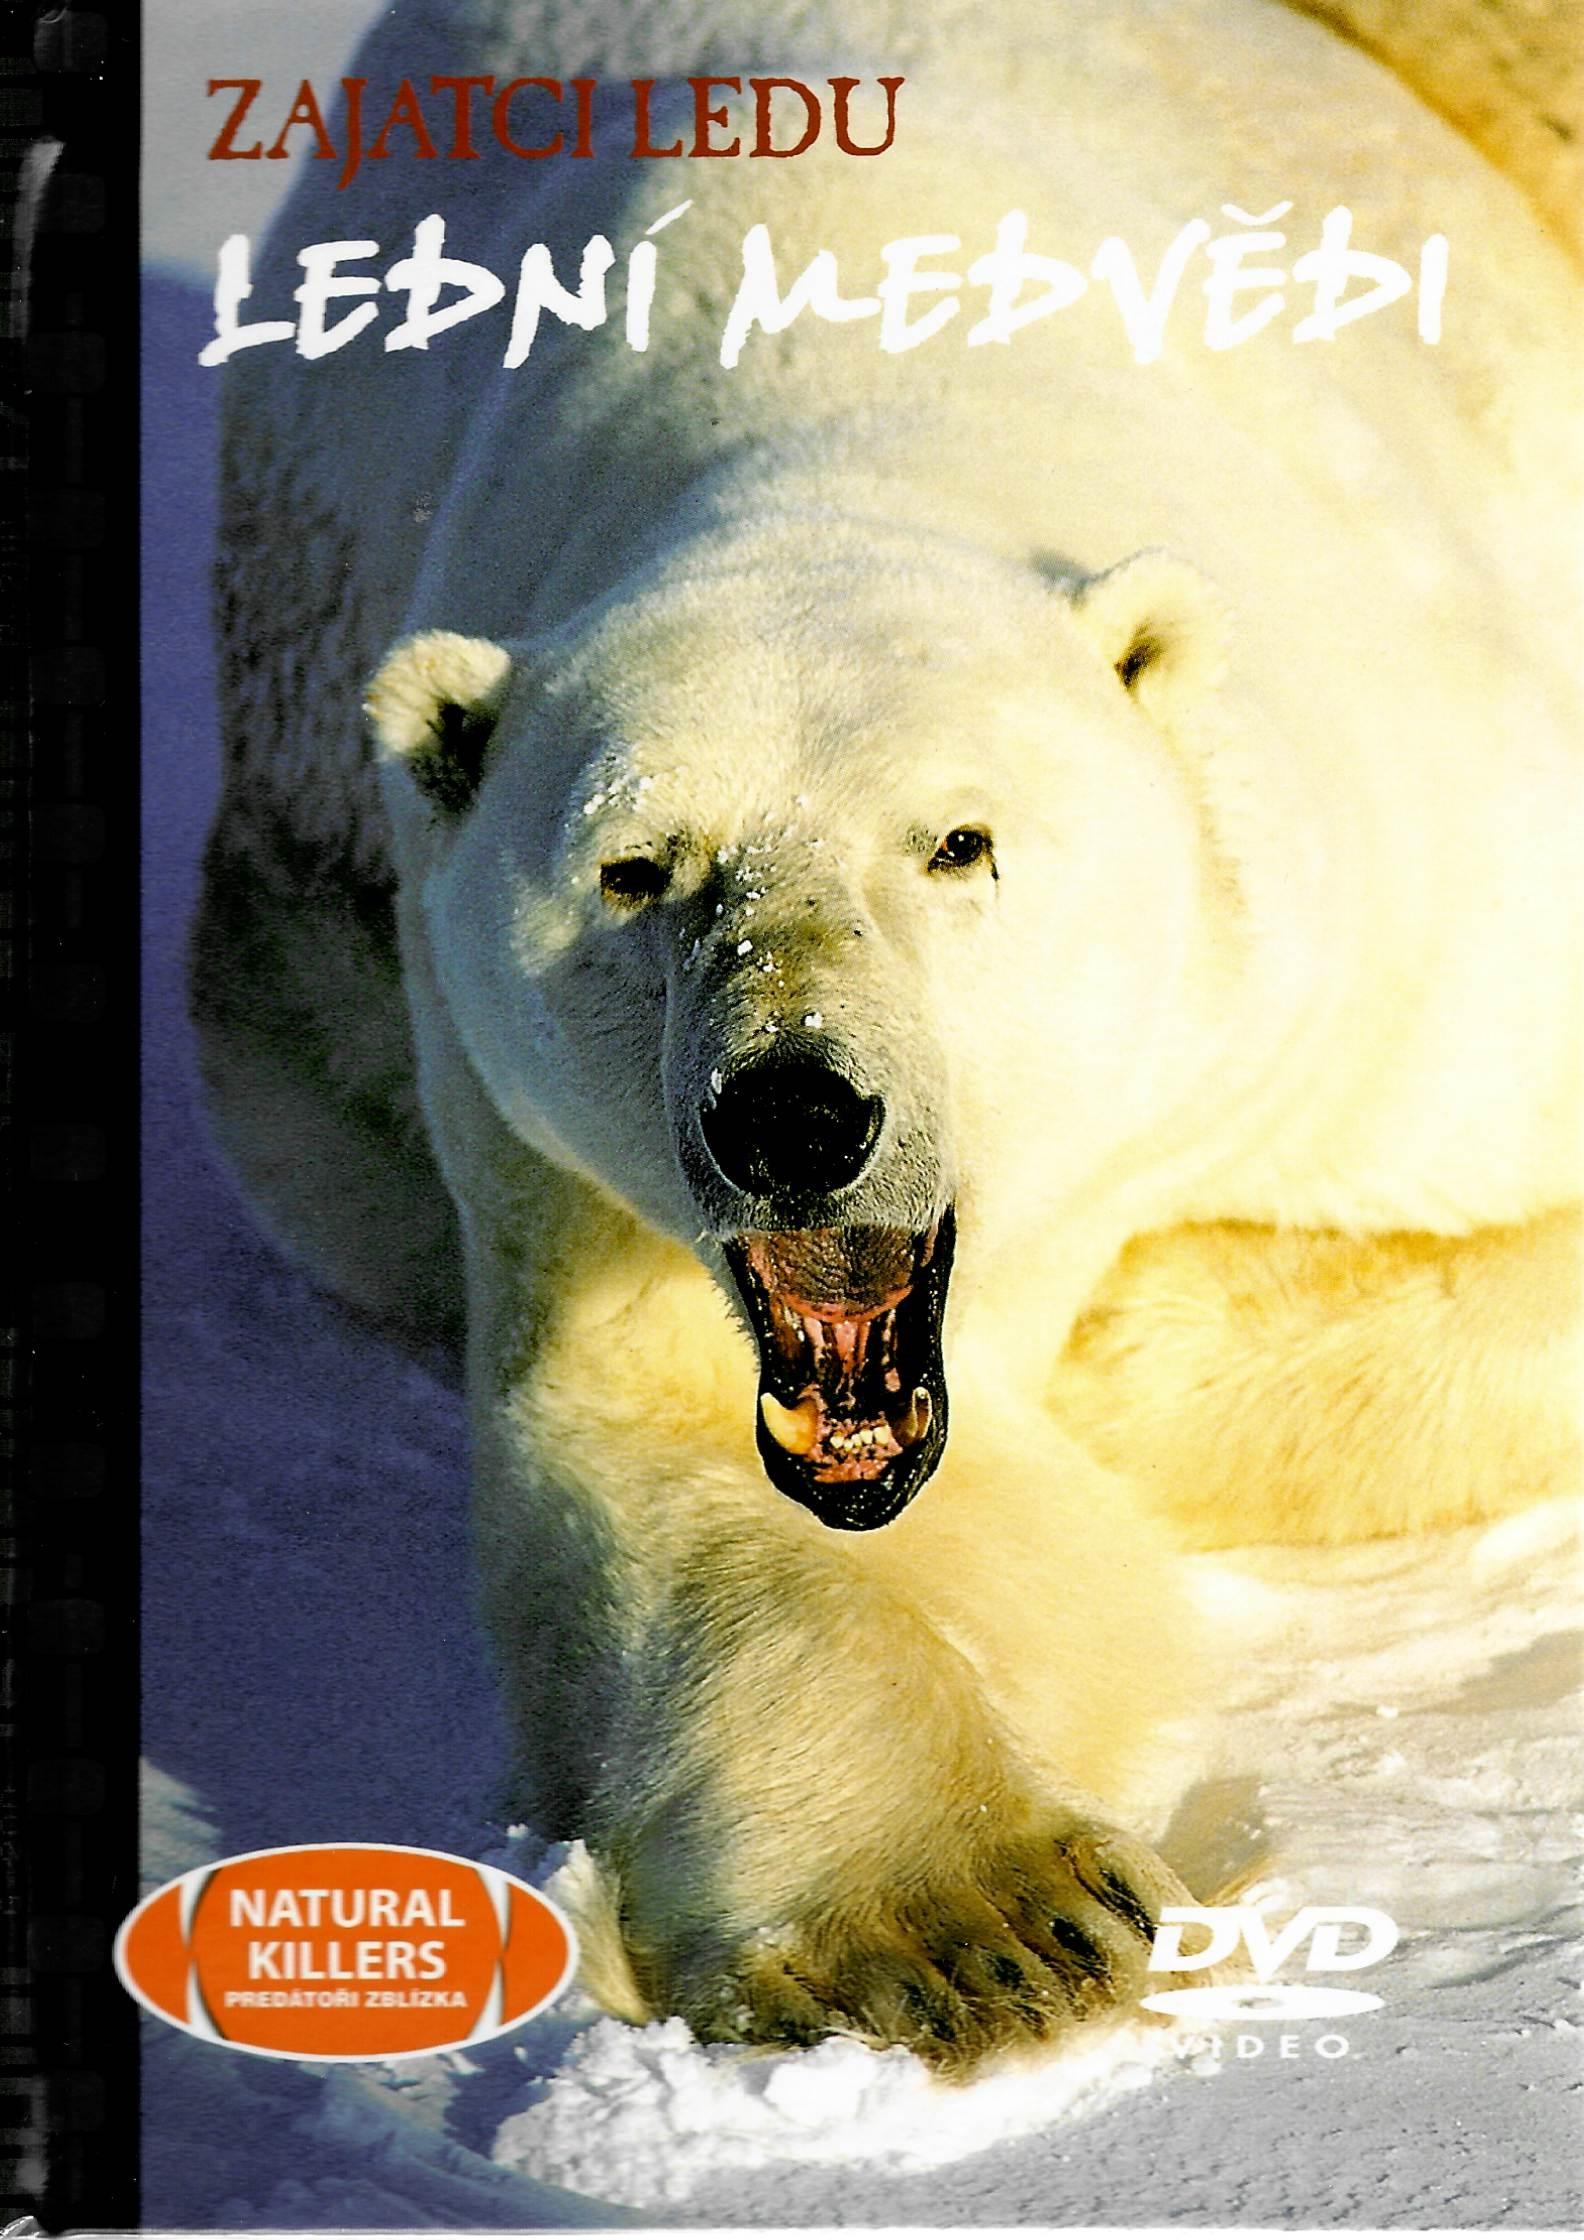 Zajatci ledu - Lední medvědi - DVD + brožura